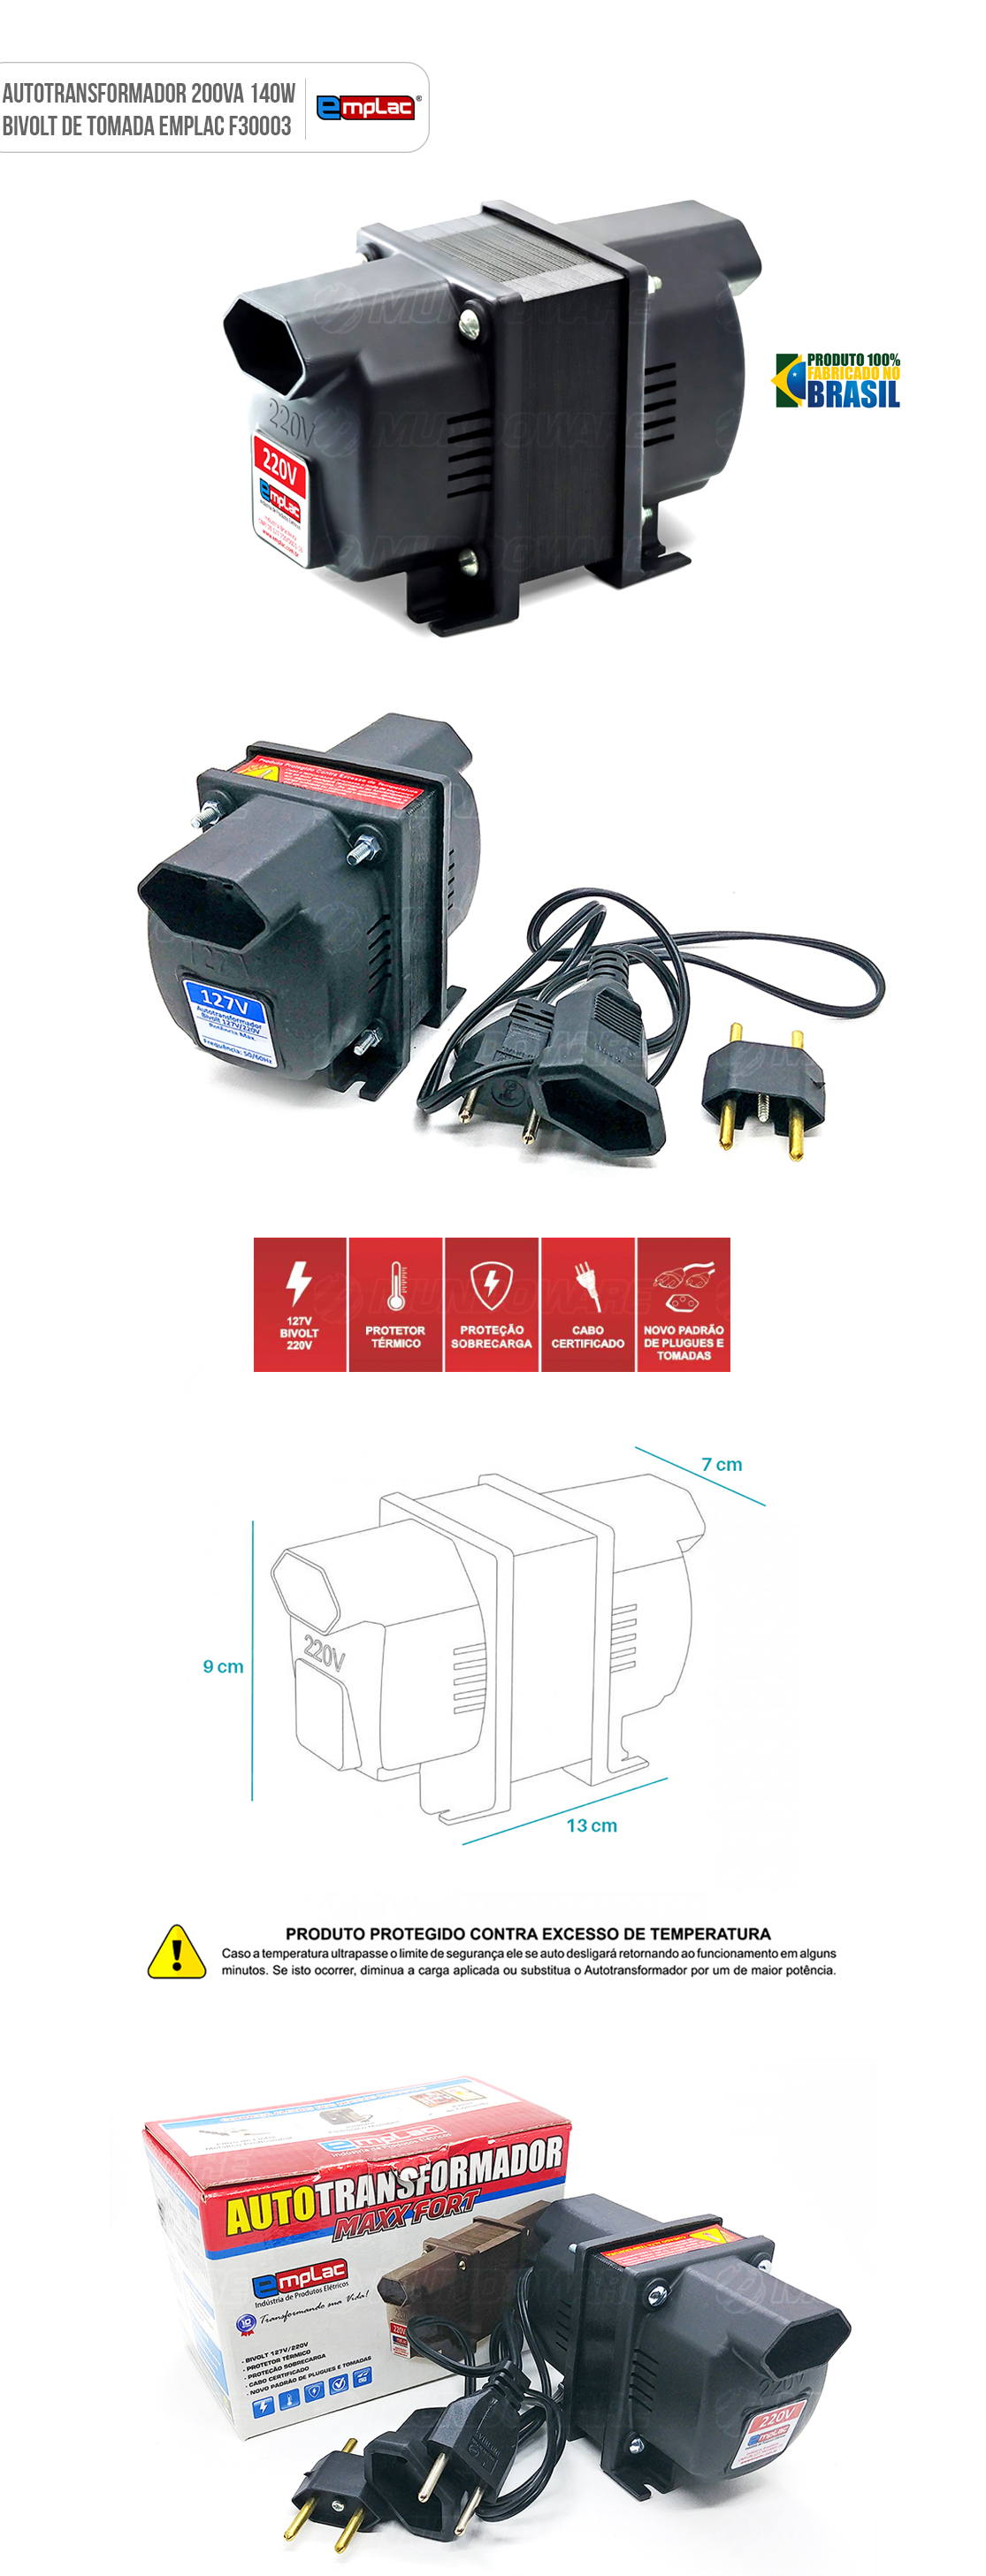 Auto transformador de tomada 200VA 140W Bivolt com Protetor Térmico e Proteção contra sobrecarga